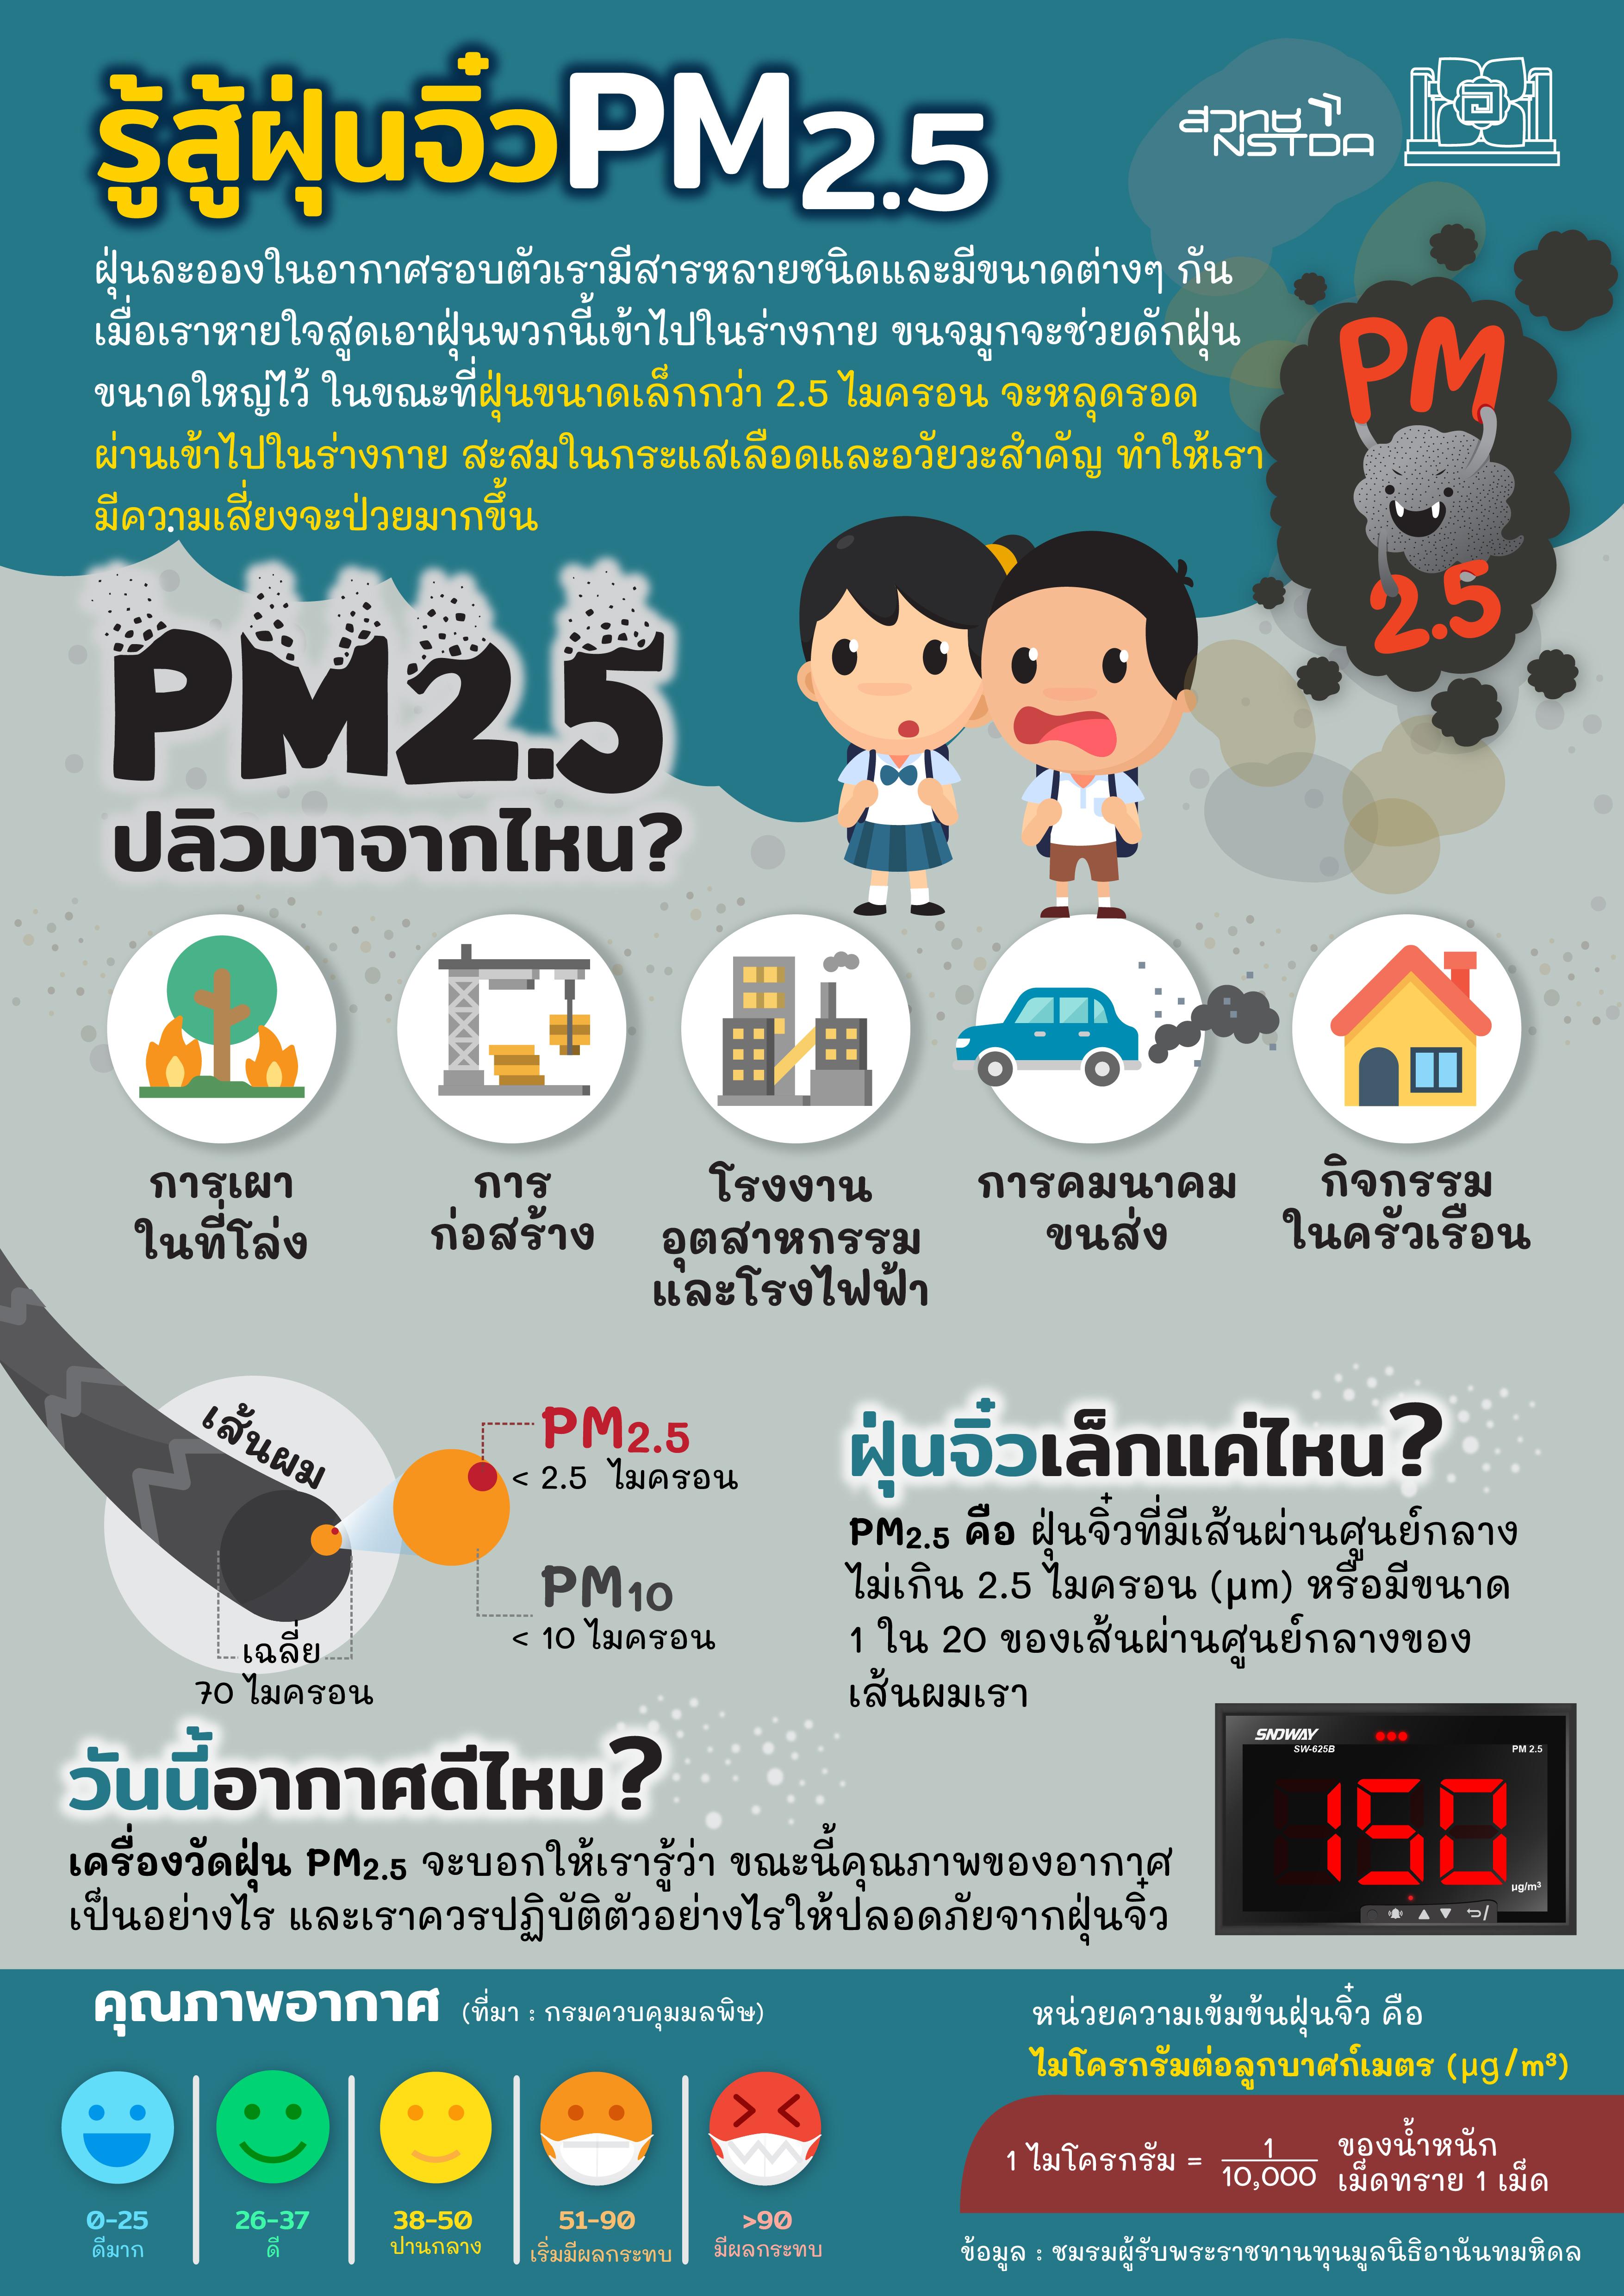 รู้สู้ฝุ่นจิ๋ว PM2.5